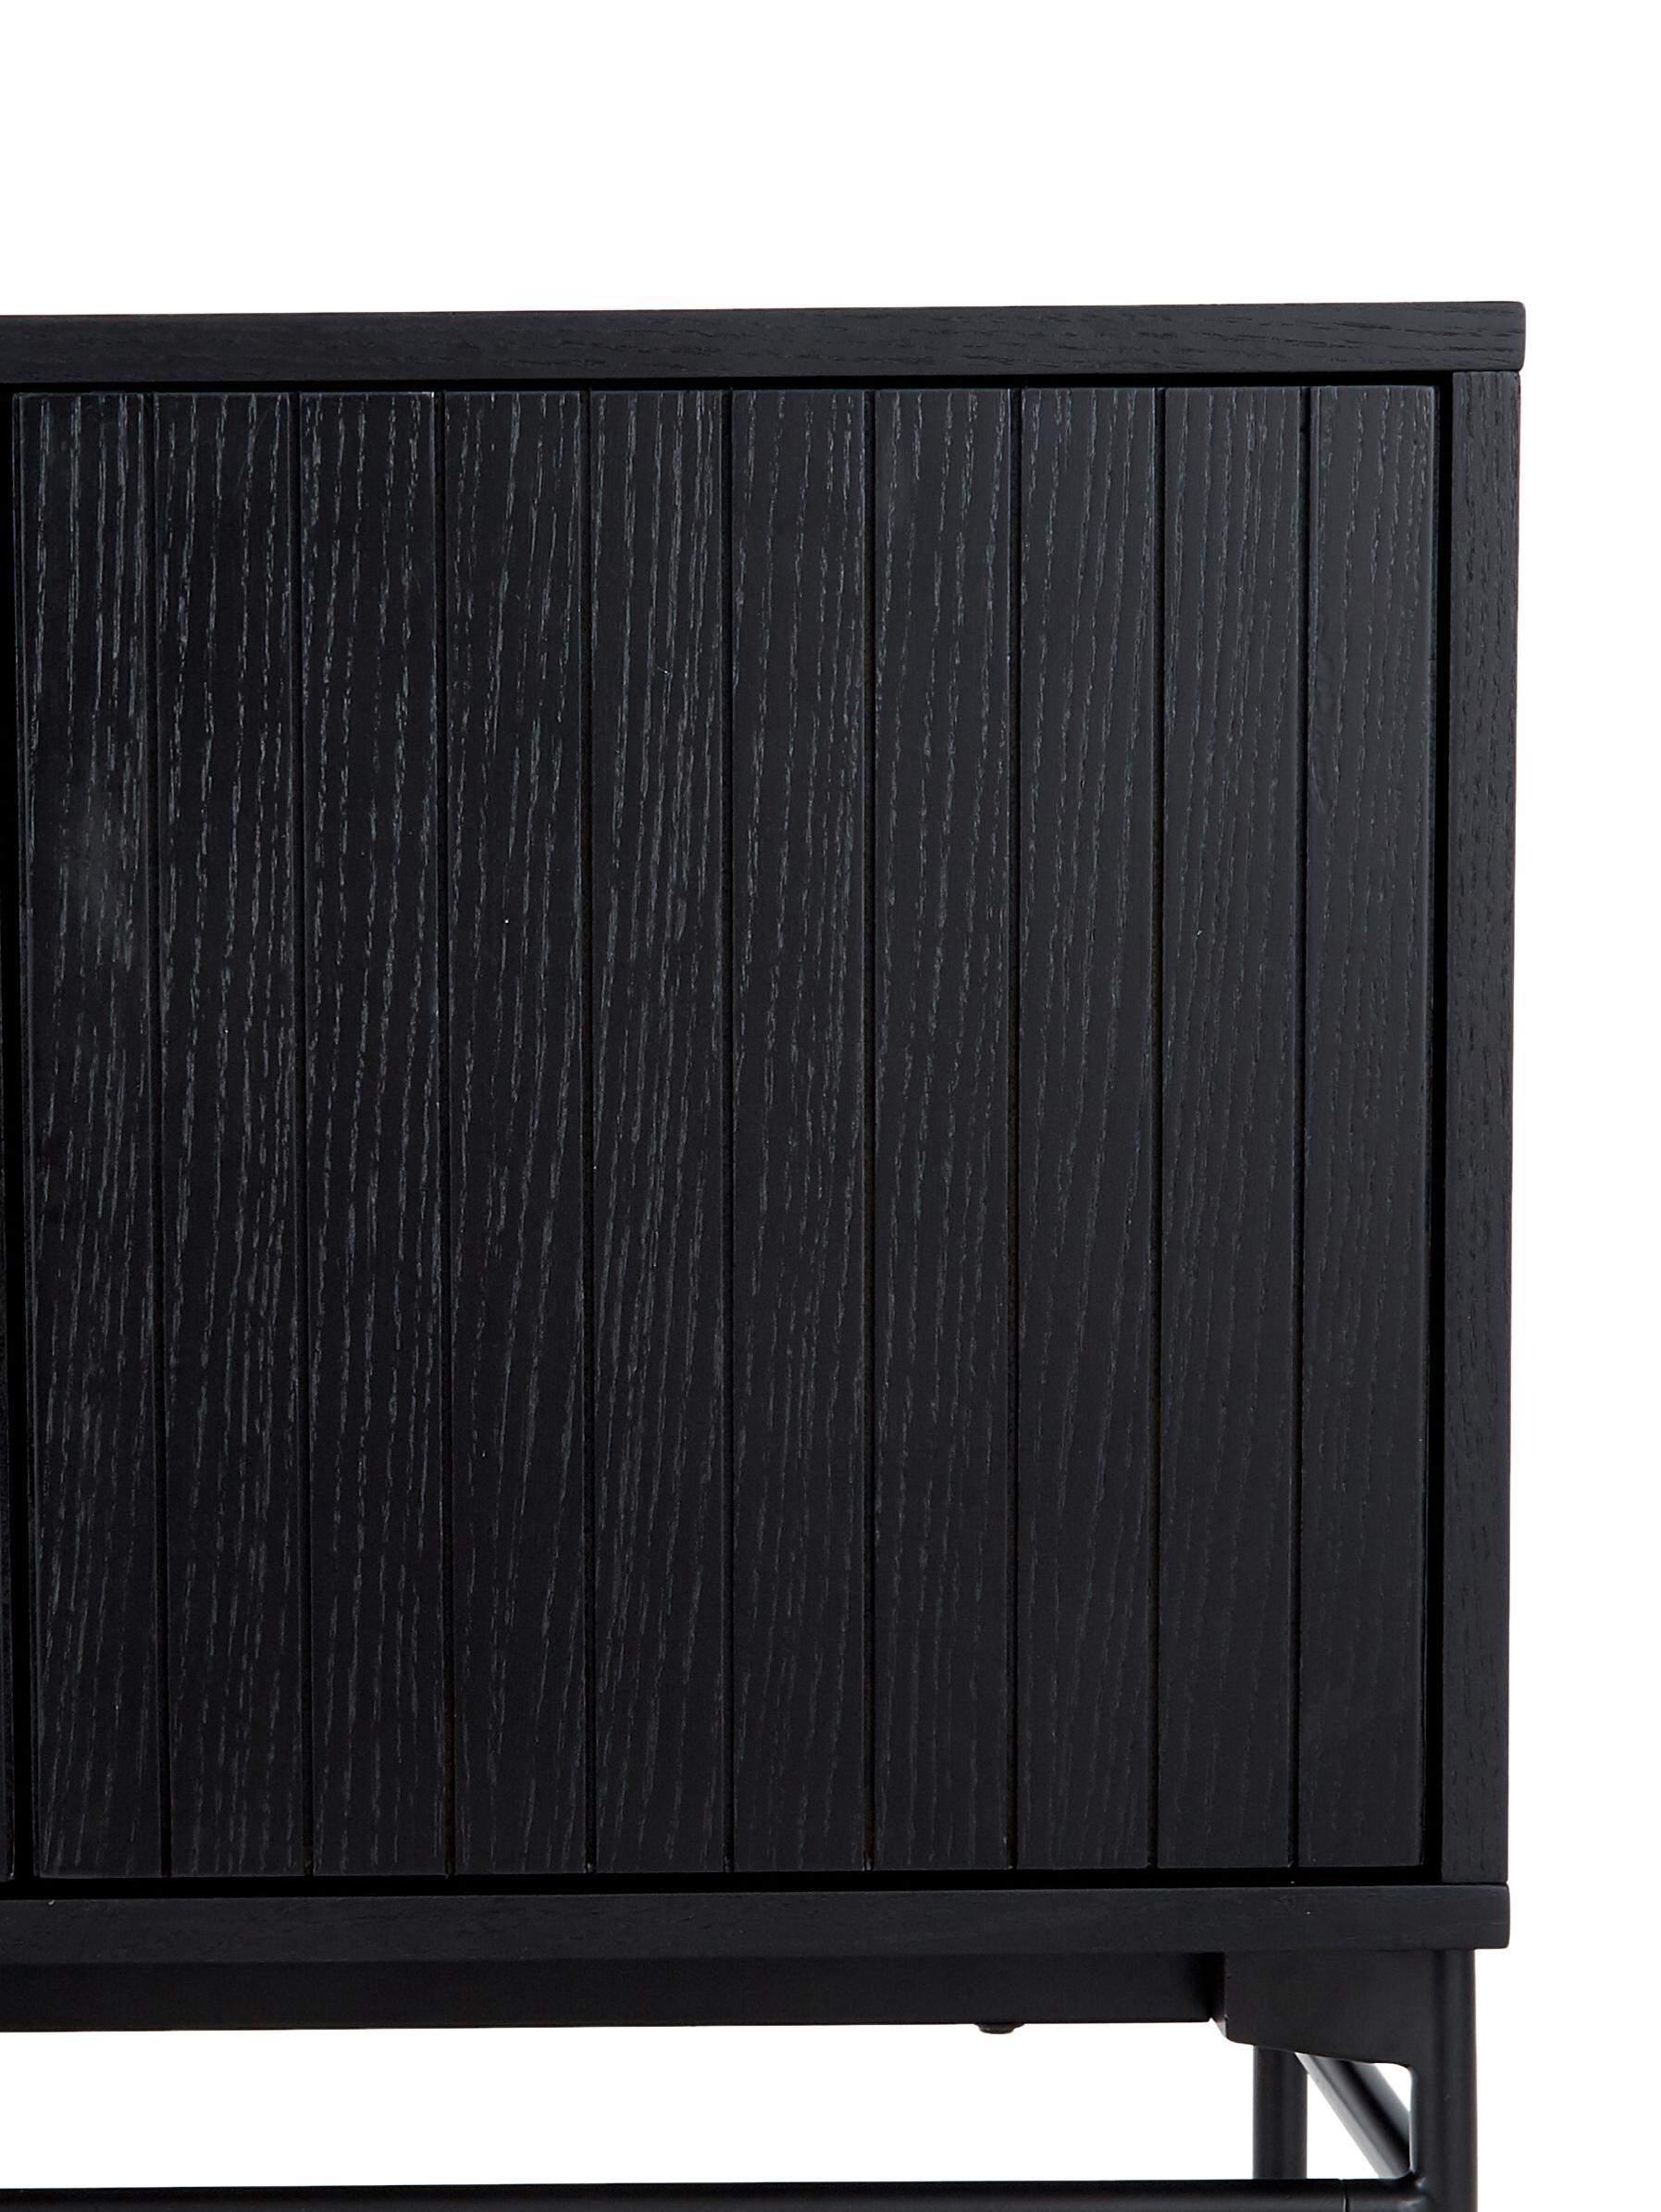 Modernes Sideboard Johan, Korpus: Mitteldichte Holzfaserpla, Korpus: Eichenholzfurnier, schwarz lackiertFüsse: Schwarz, matt, 160 x 75 cm